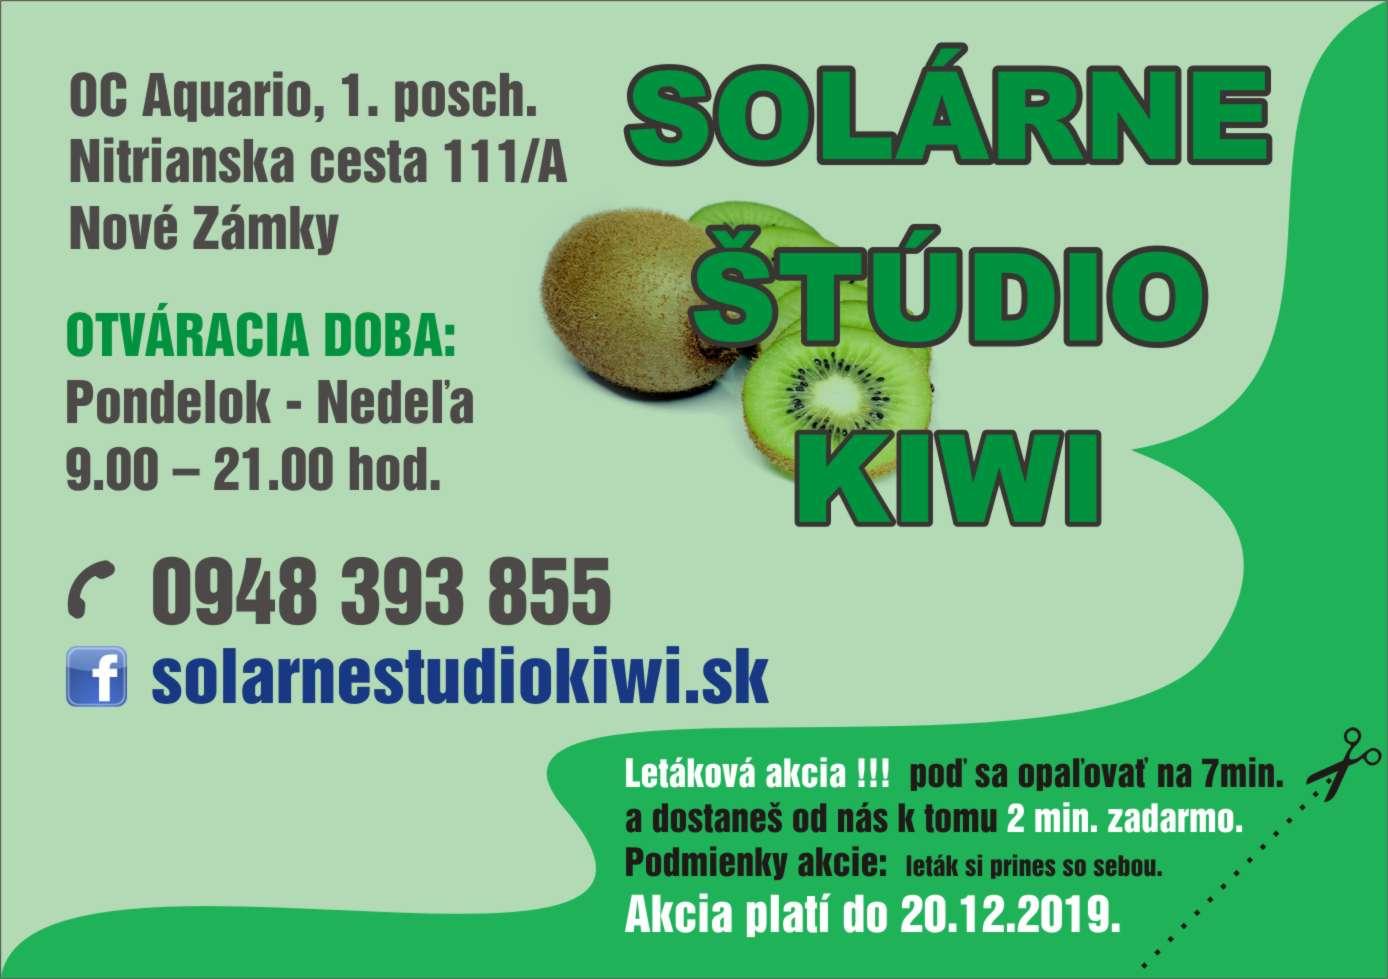 Solárne štúdio KIWI